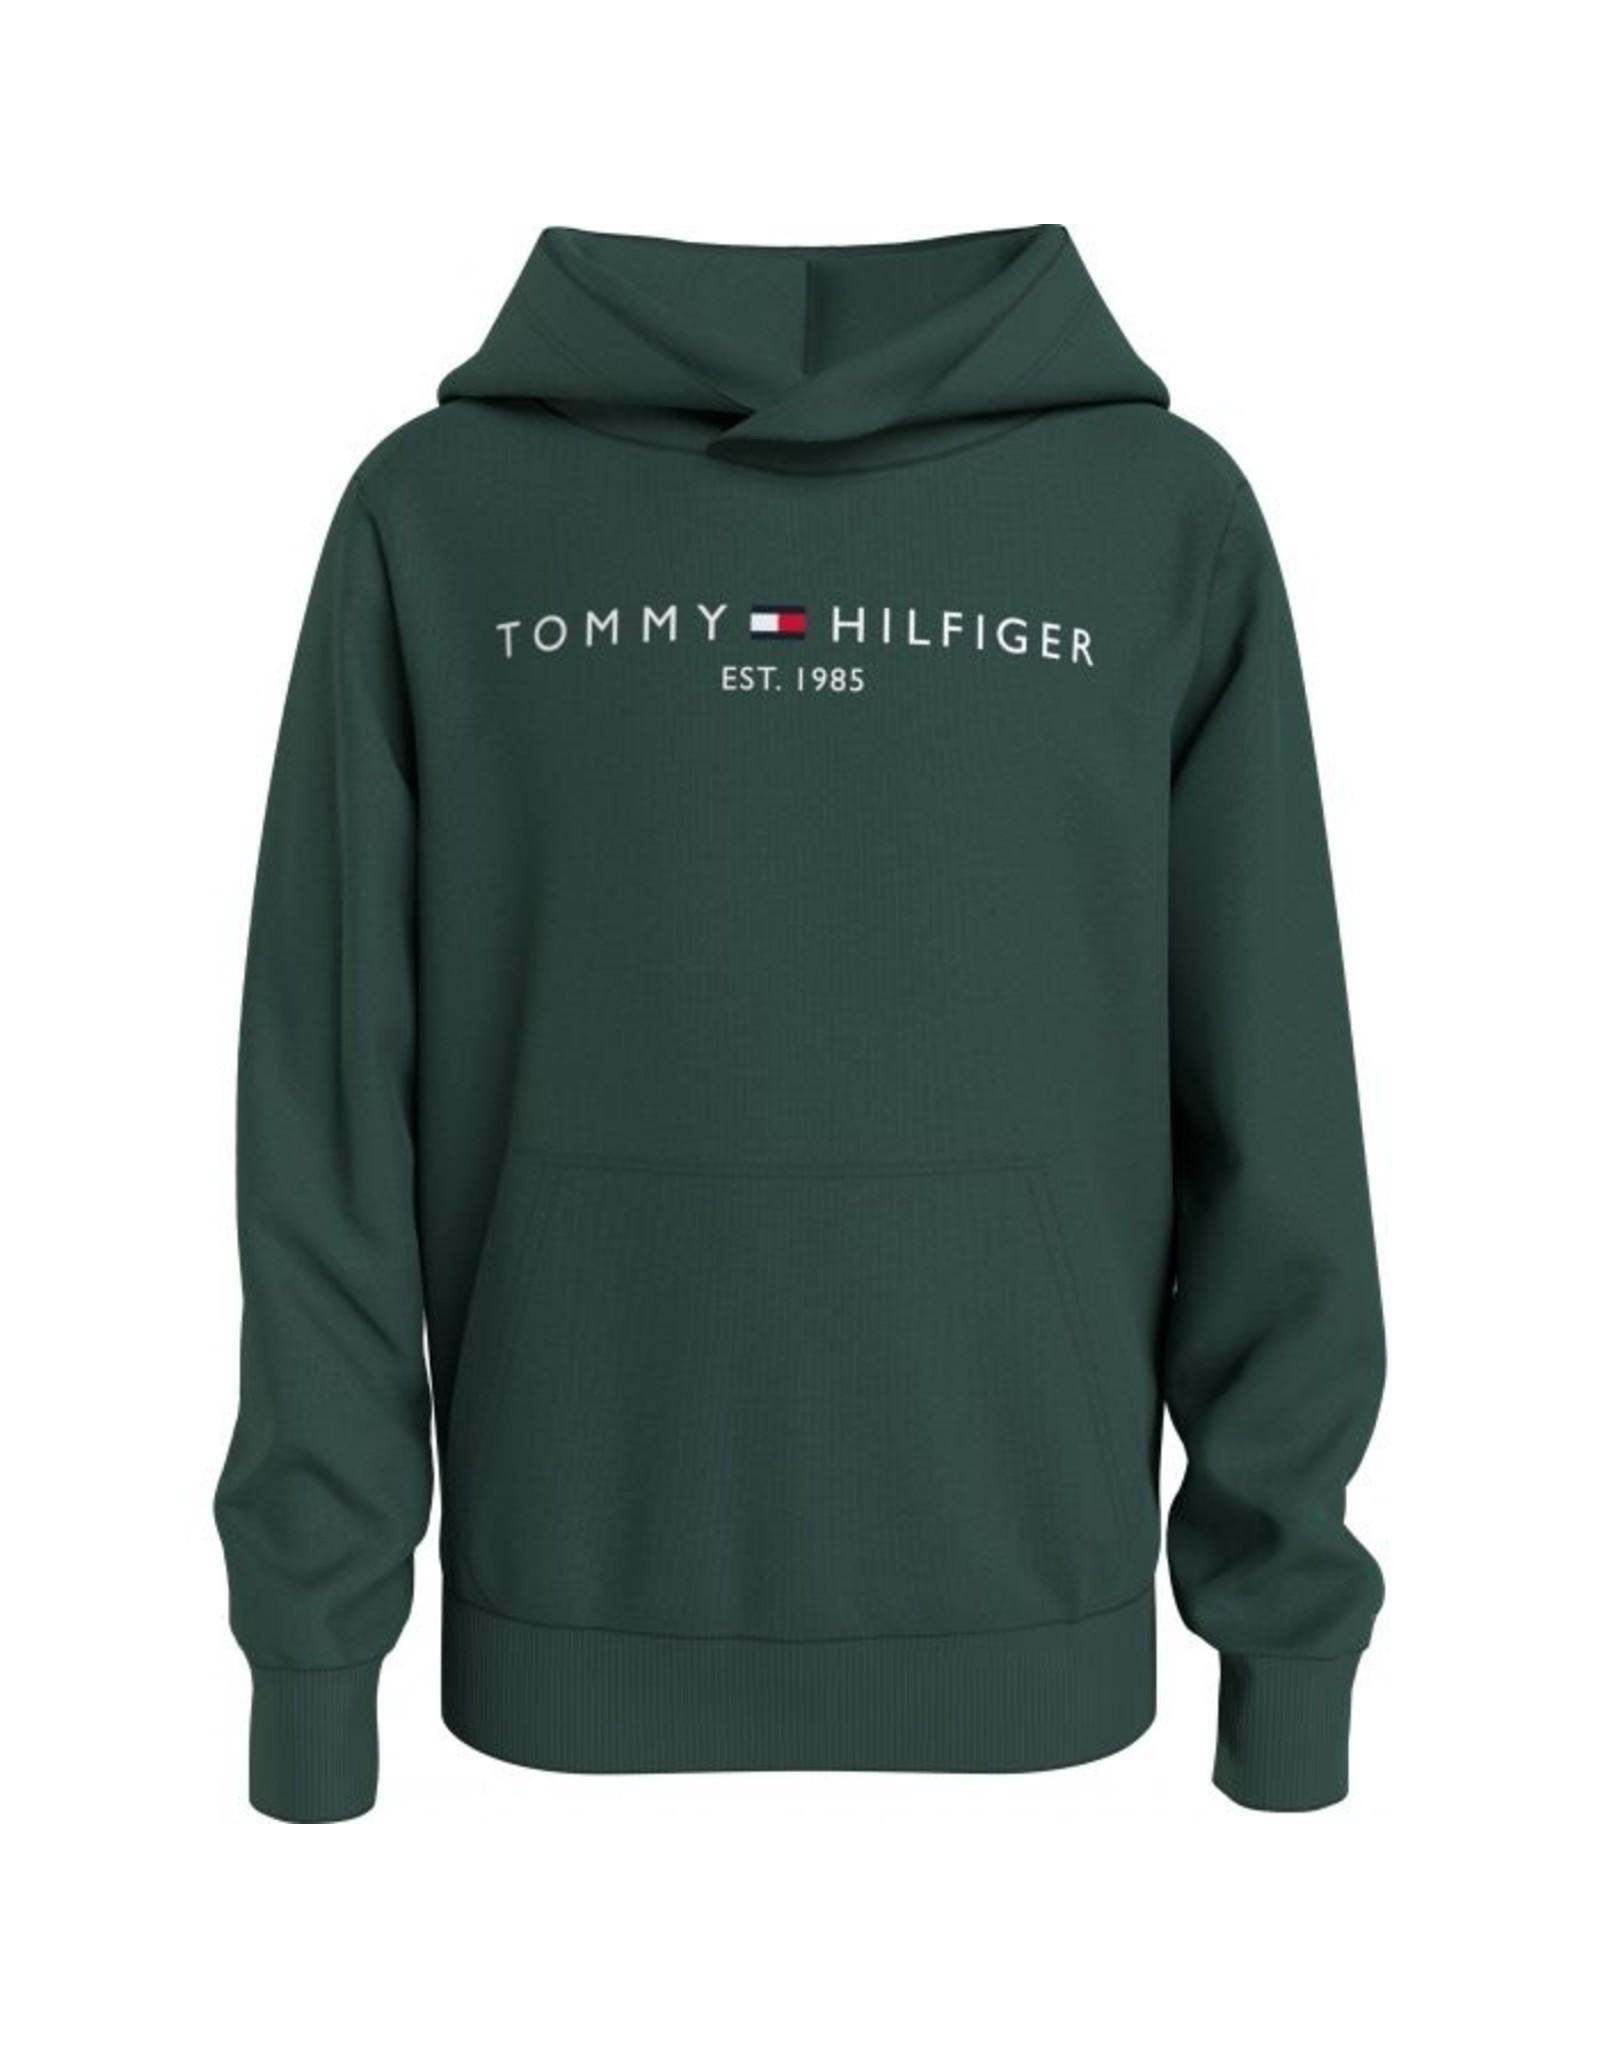 Tommy Hilfiger 0205 Hoodie